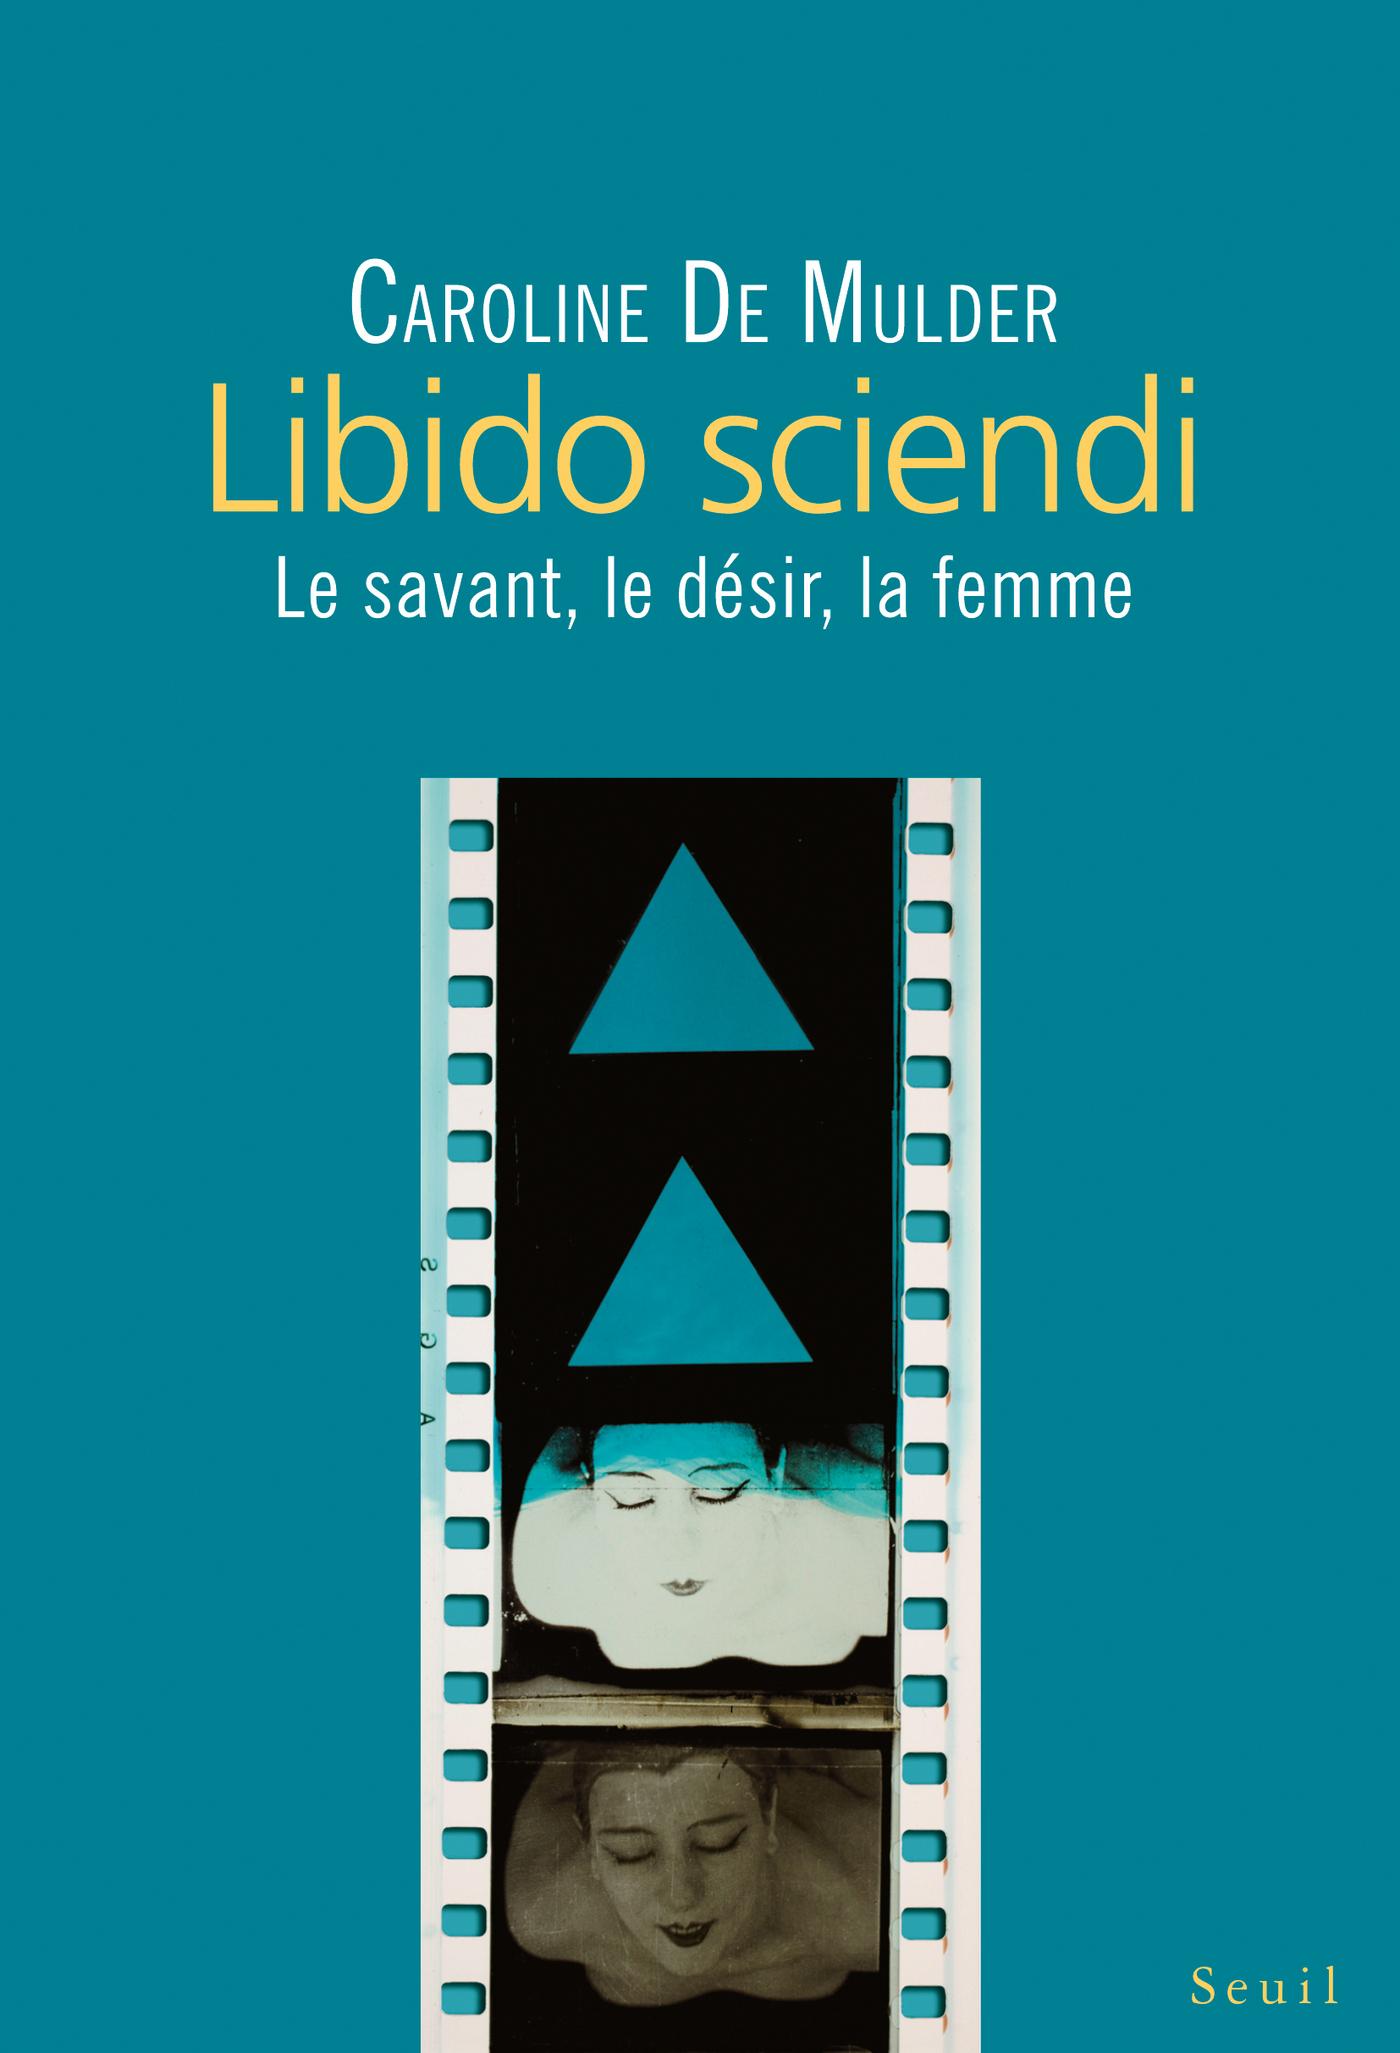 Libido sciendi - Le savant, le désir, la femme